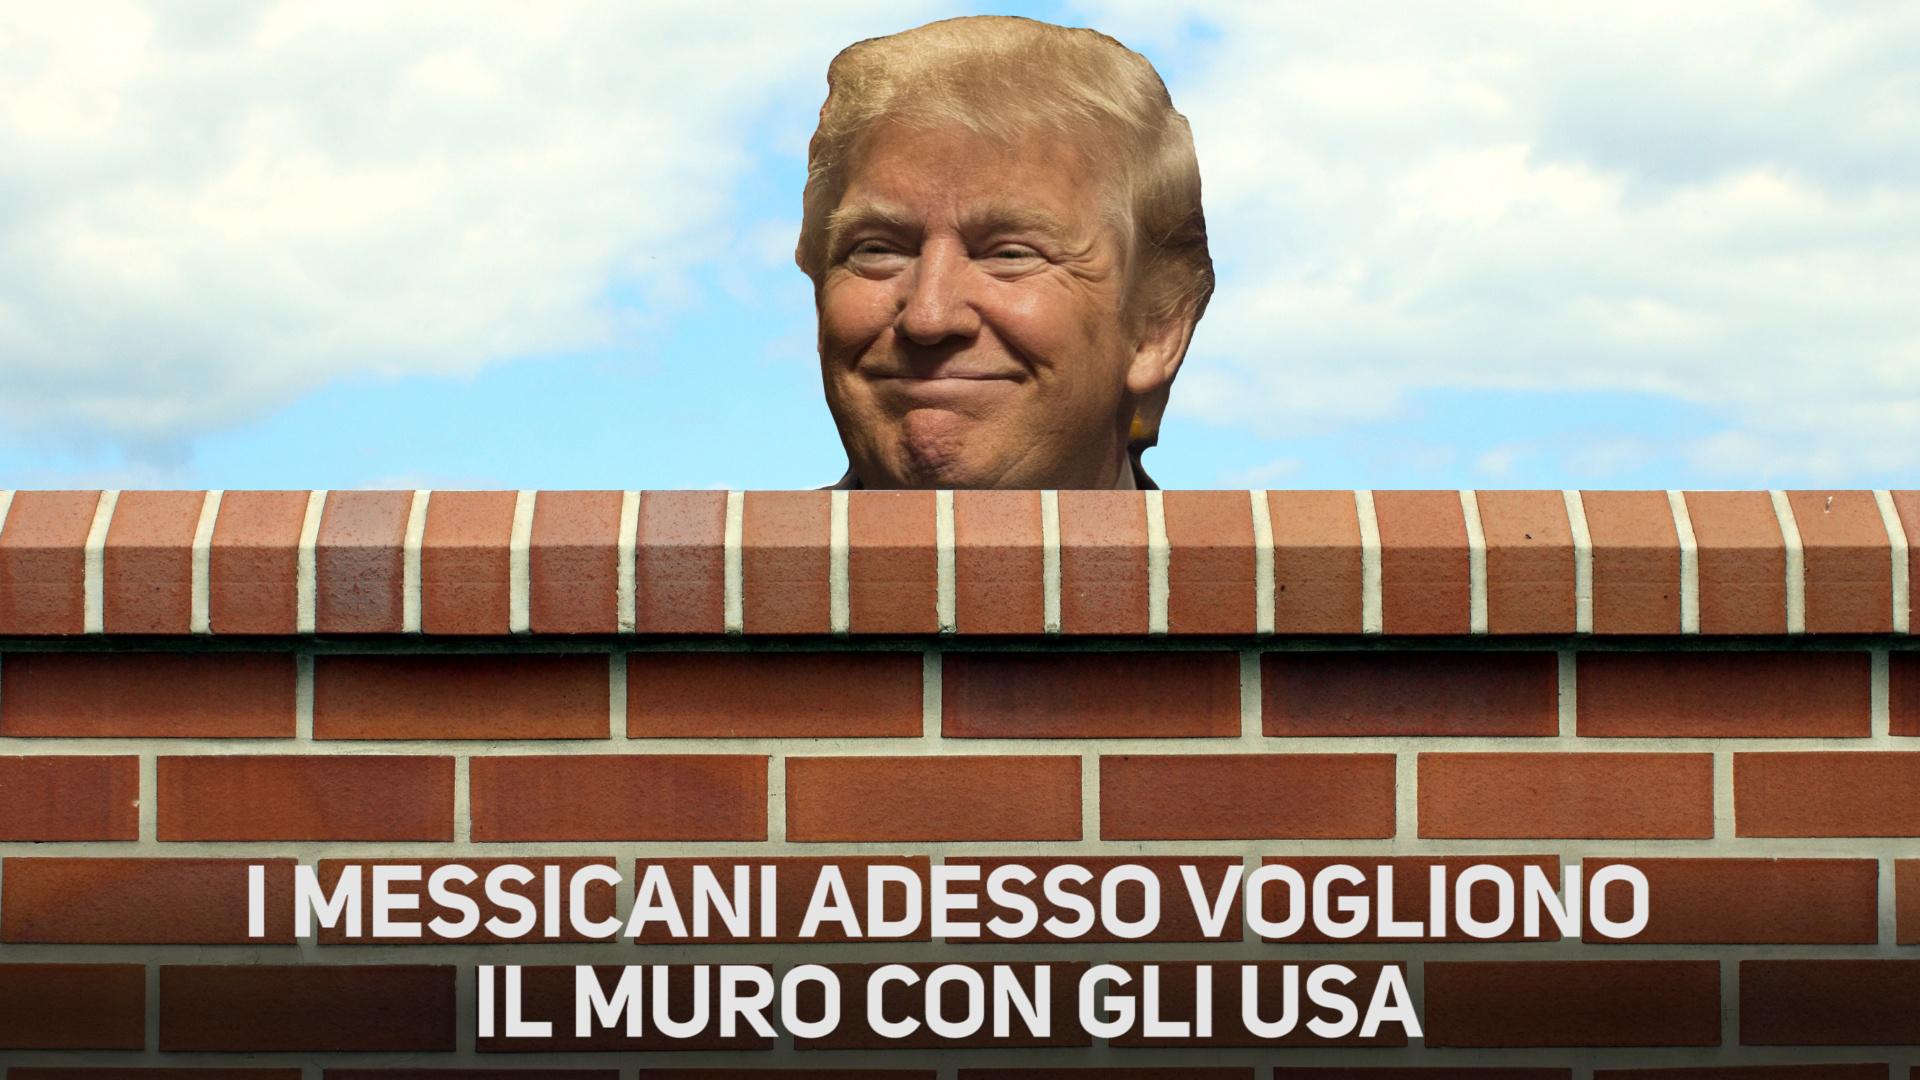 Trump costruira' il muro e i messicani lo aiuteranno